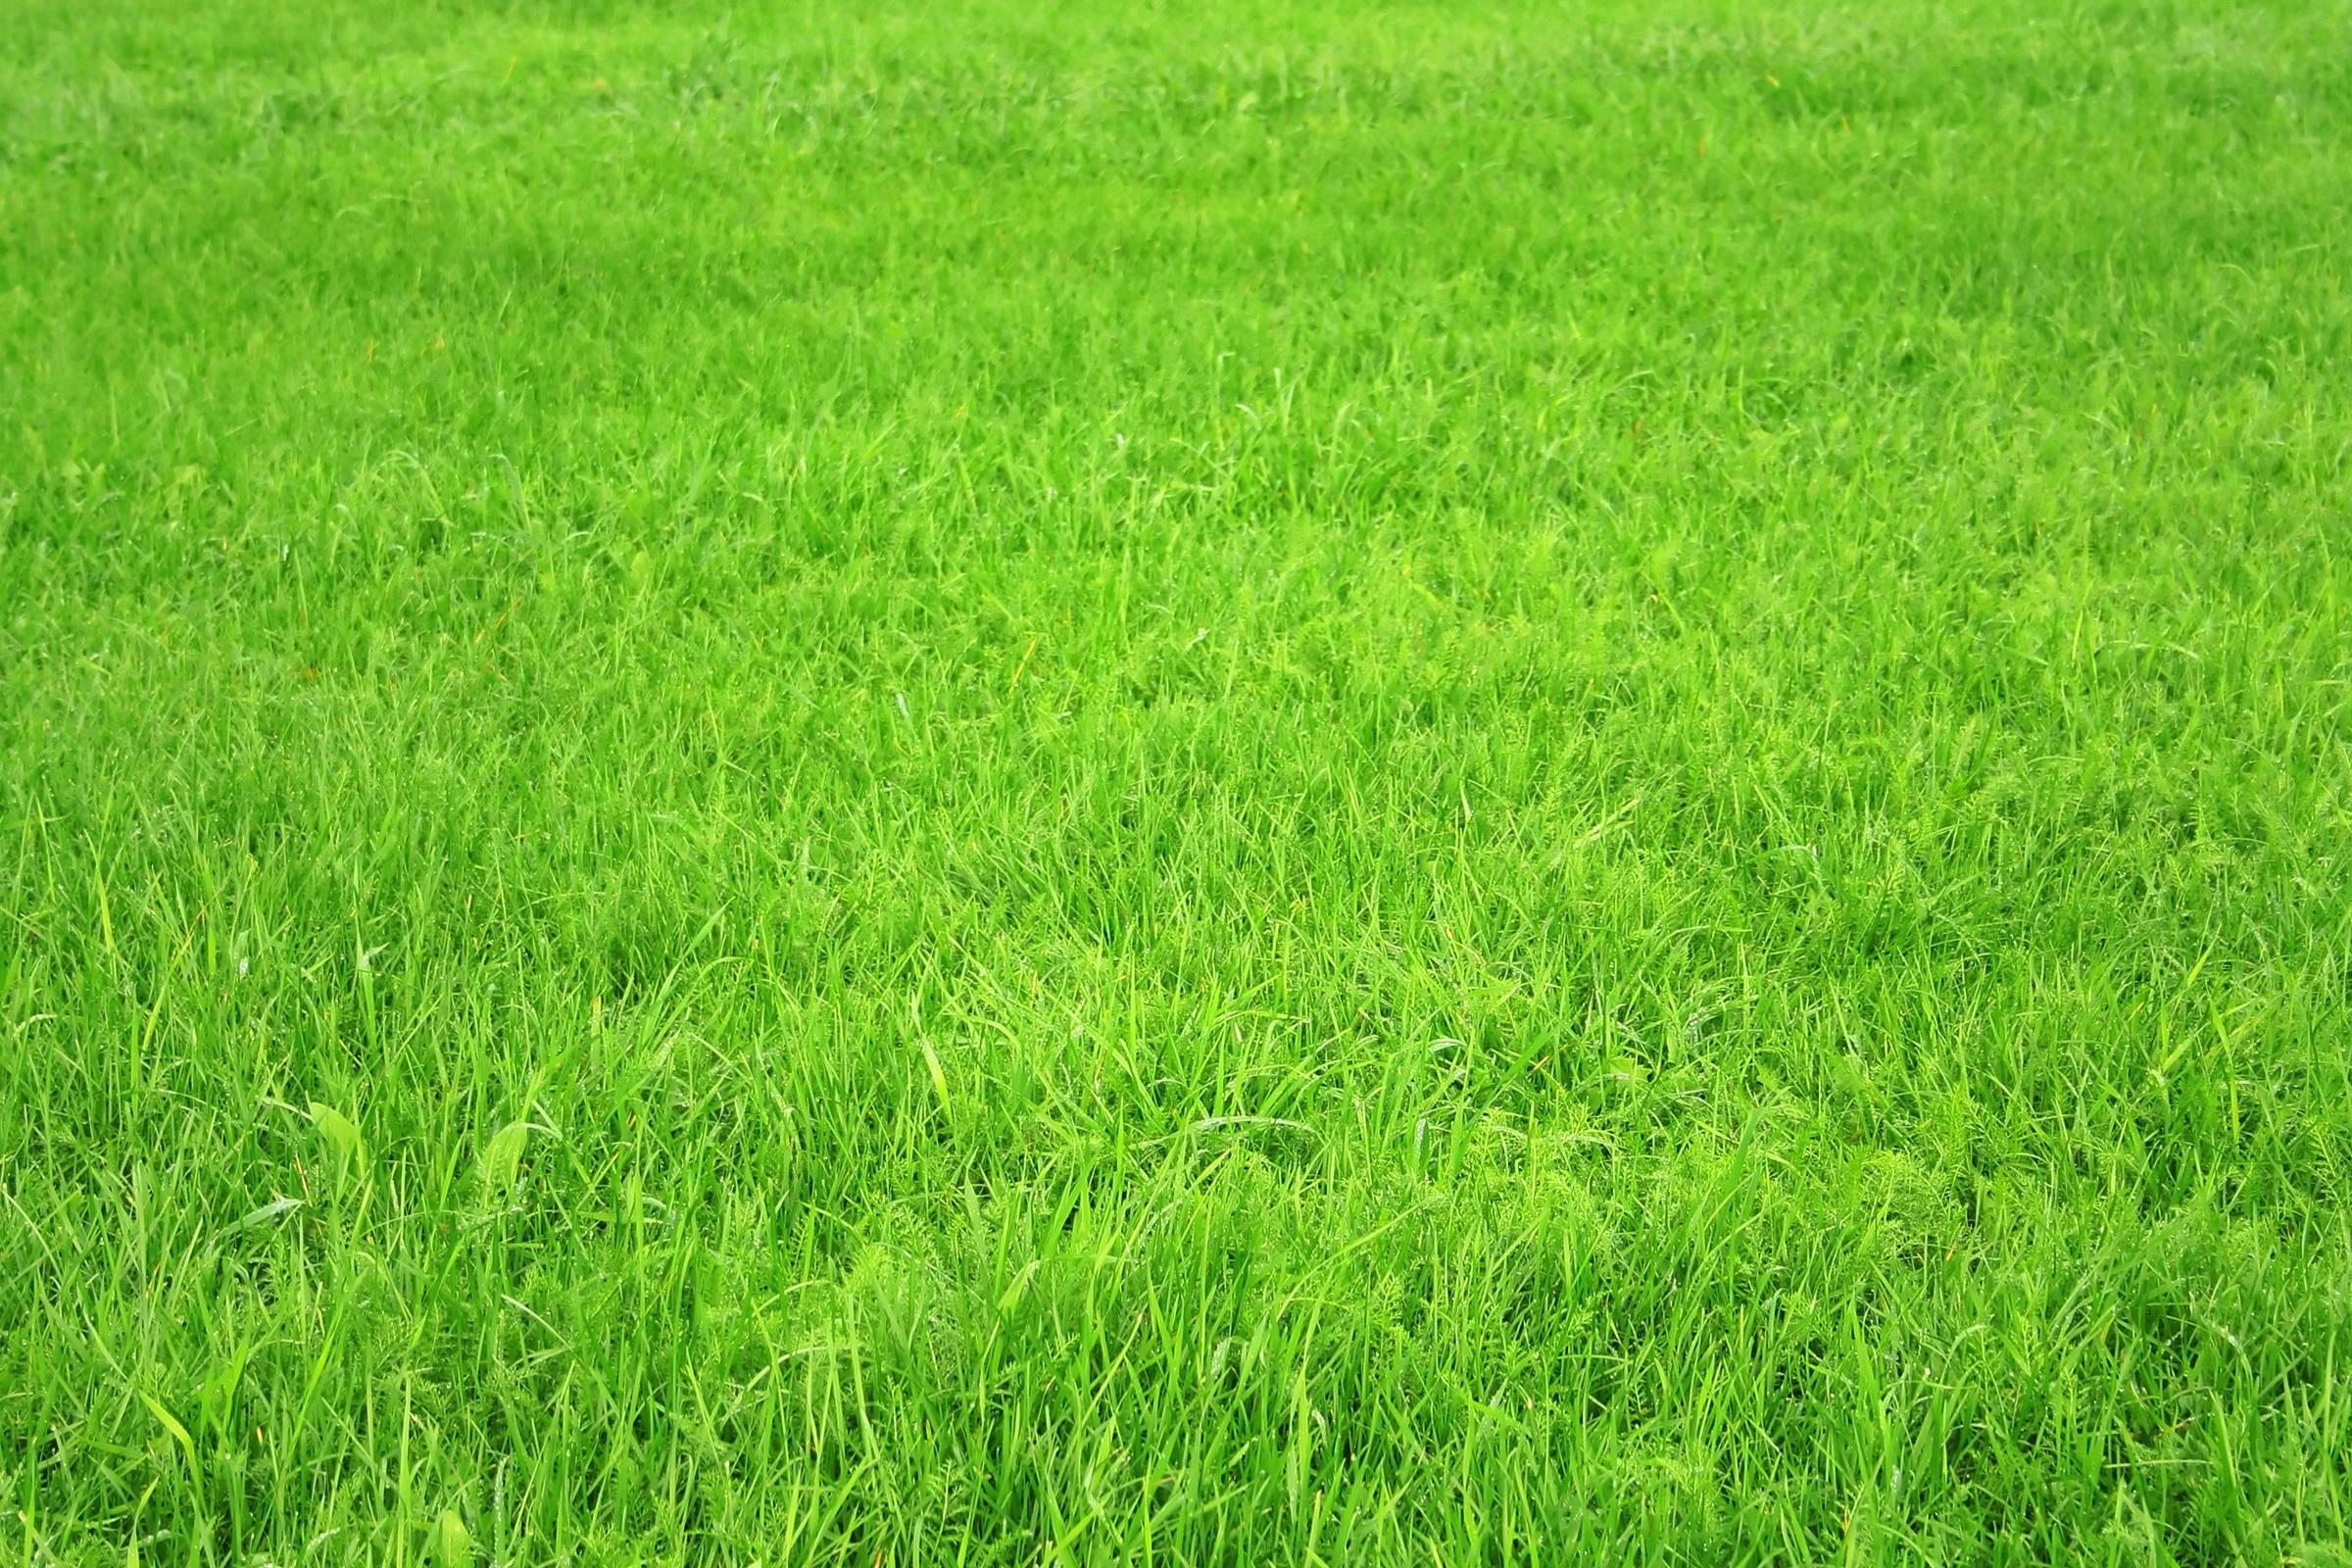 Зеленая трава, текстура  травы, обои на рабочий стол